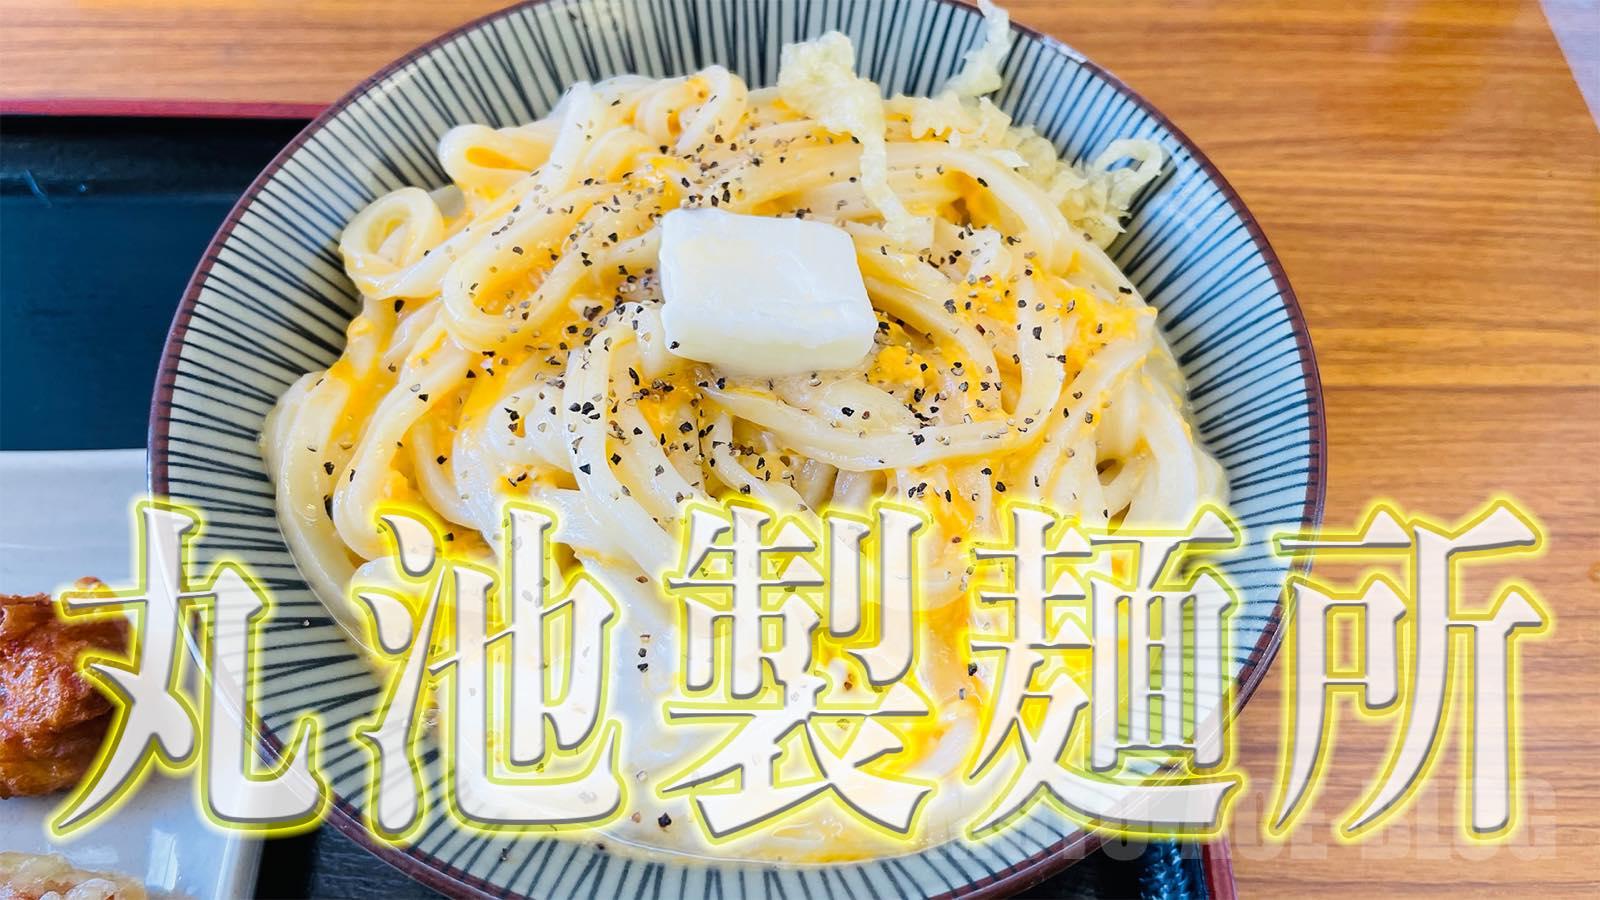 徳島県板野の丸池製麺所でうどんでランチしたら美味しすぎた件